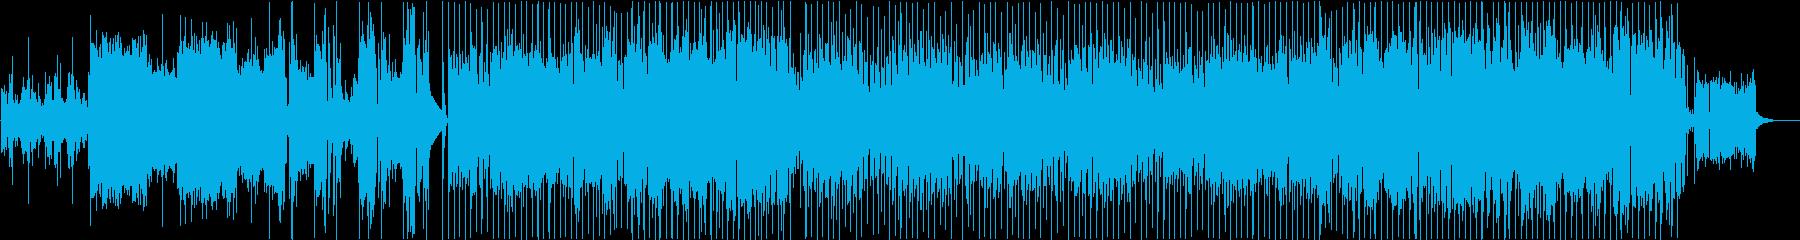 ノリの良いのポップスの再生済みの波形